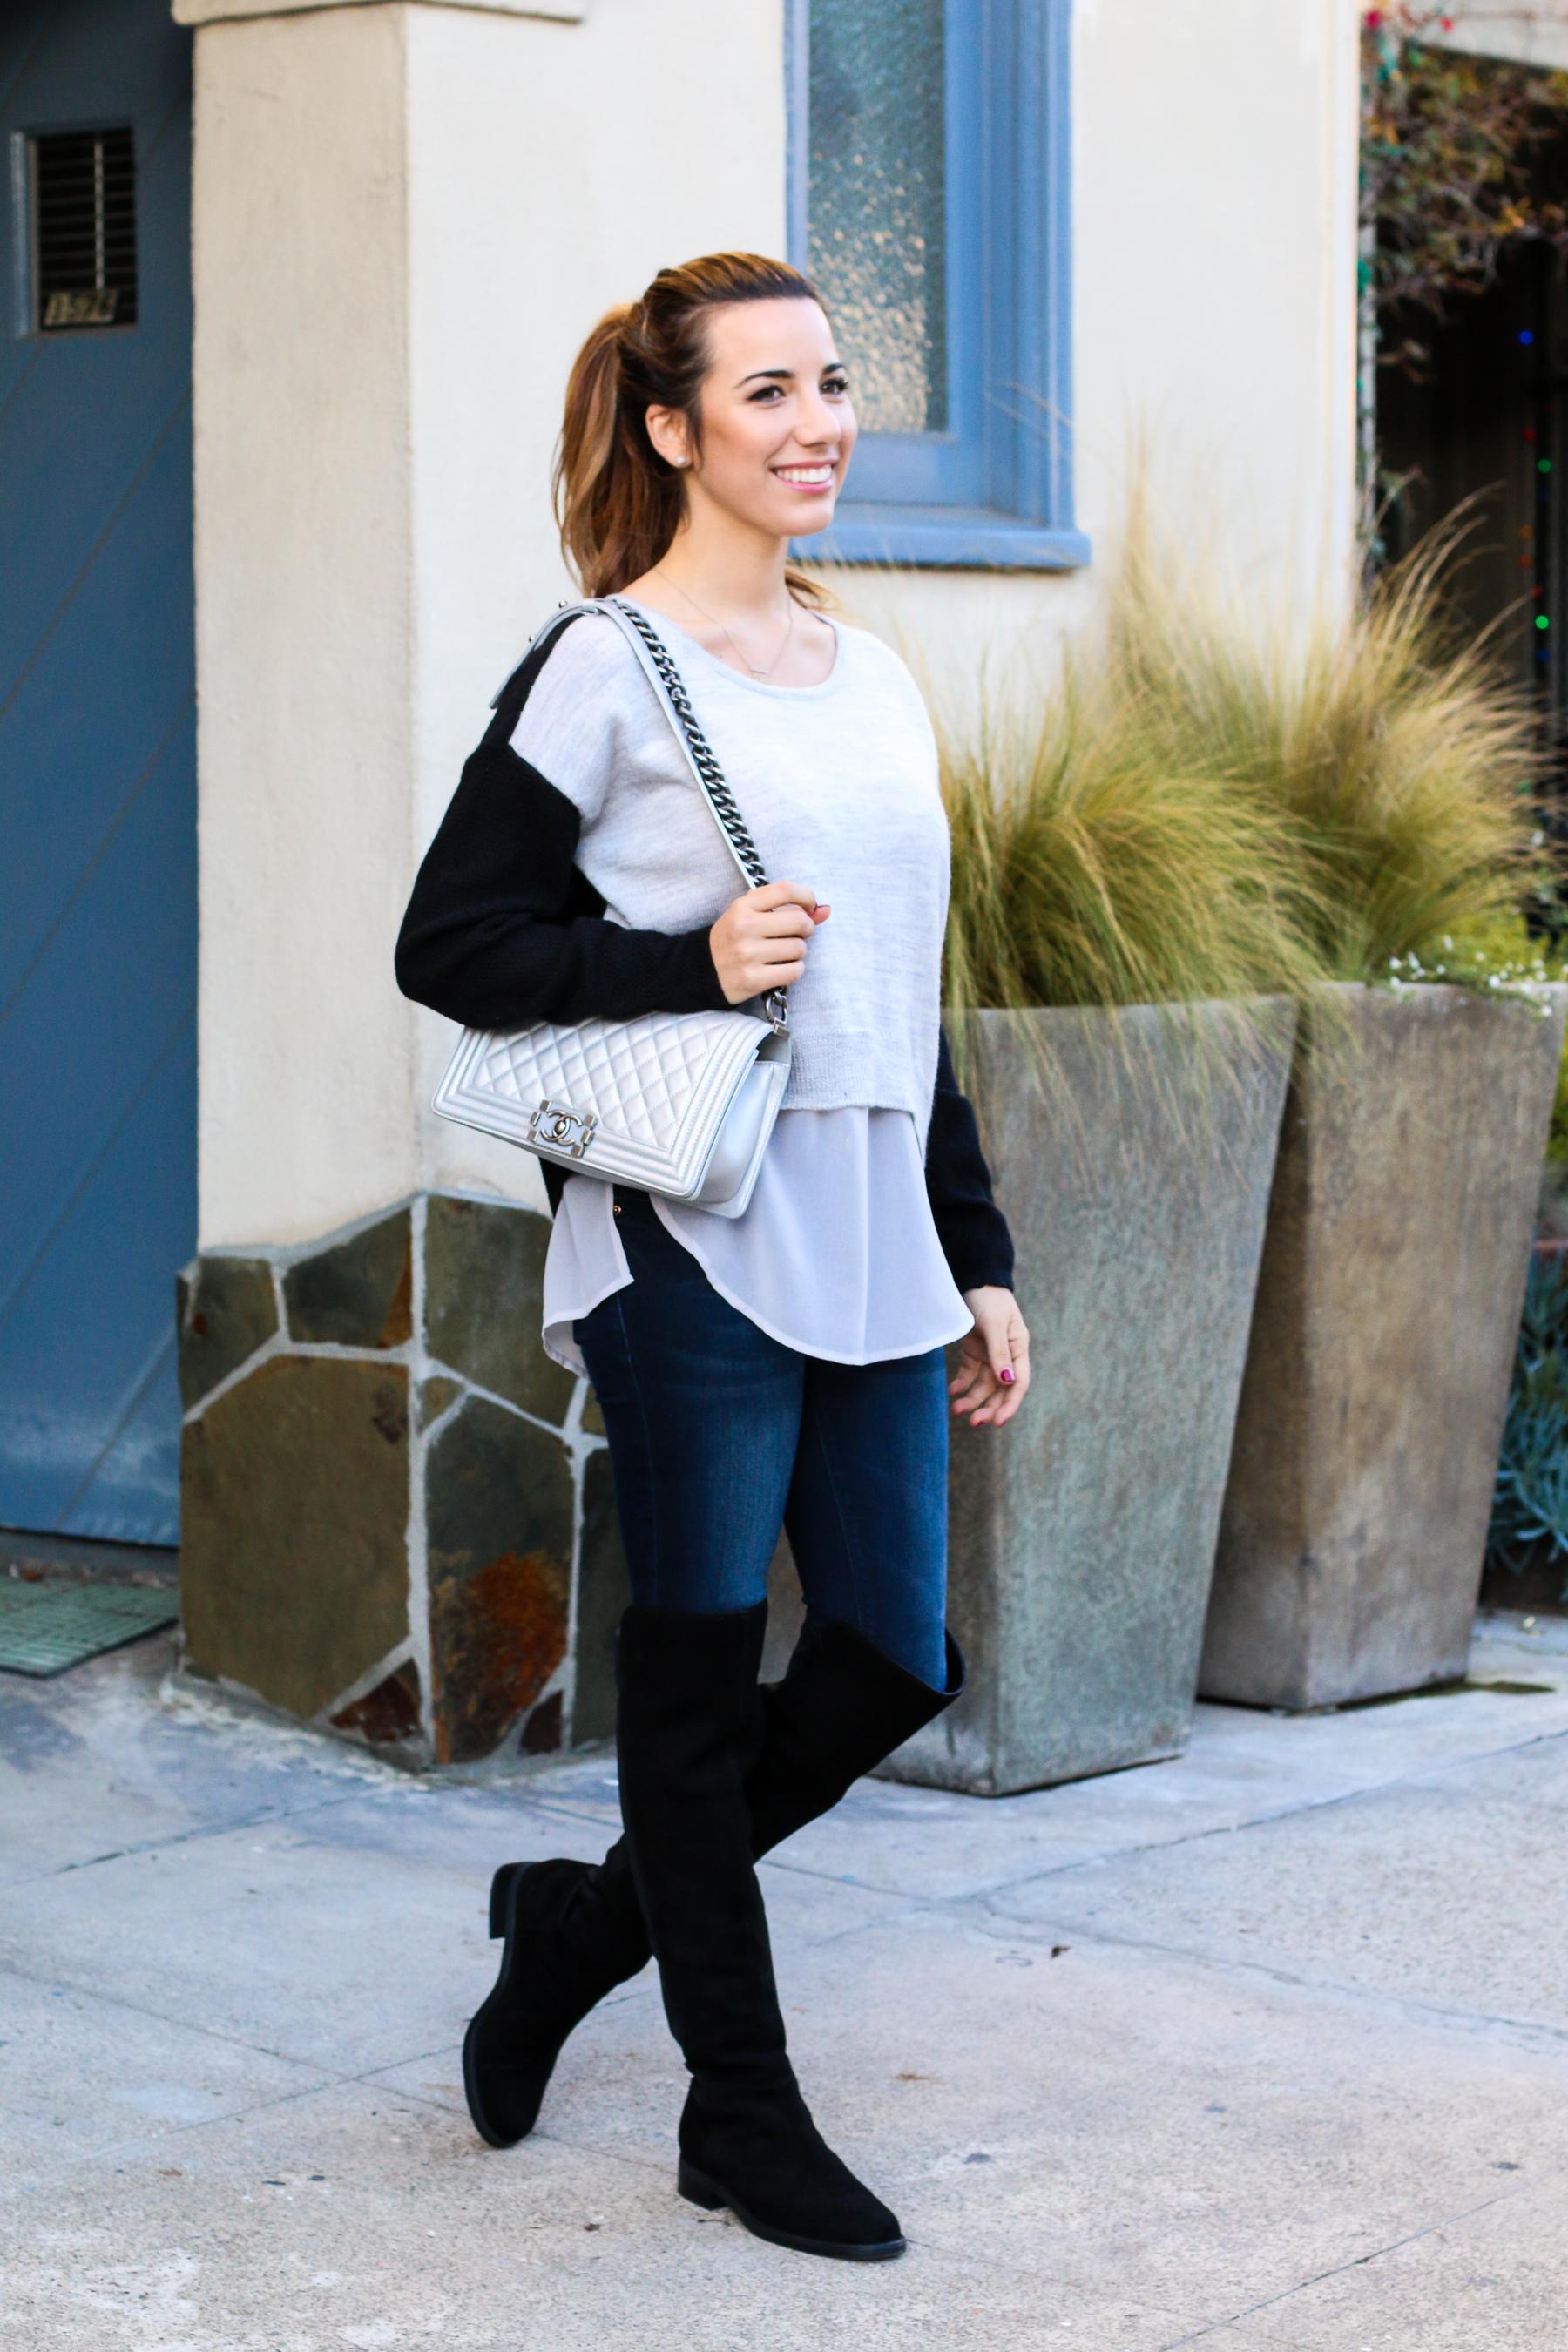 Ariana-Lauren-Fashion-Blogger-San-Francisco-Photography-by-Ryan-Chua-2217